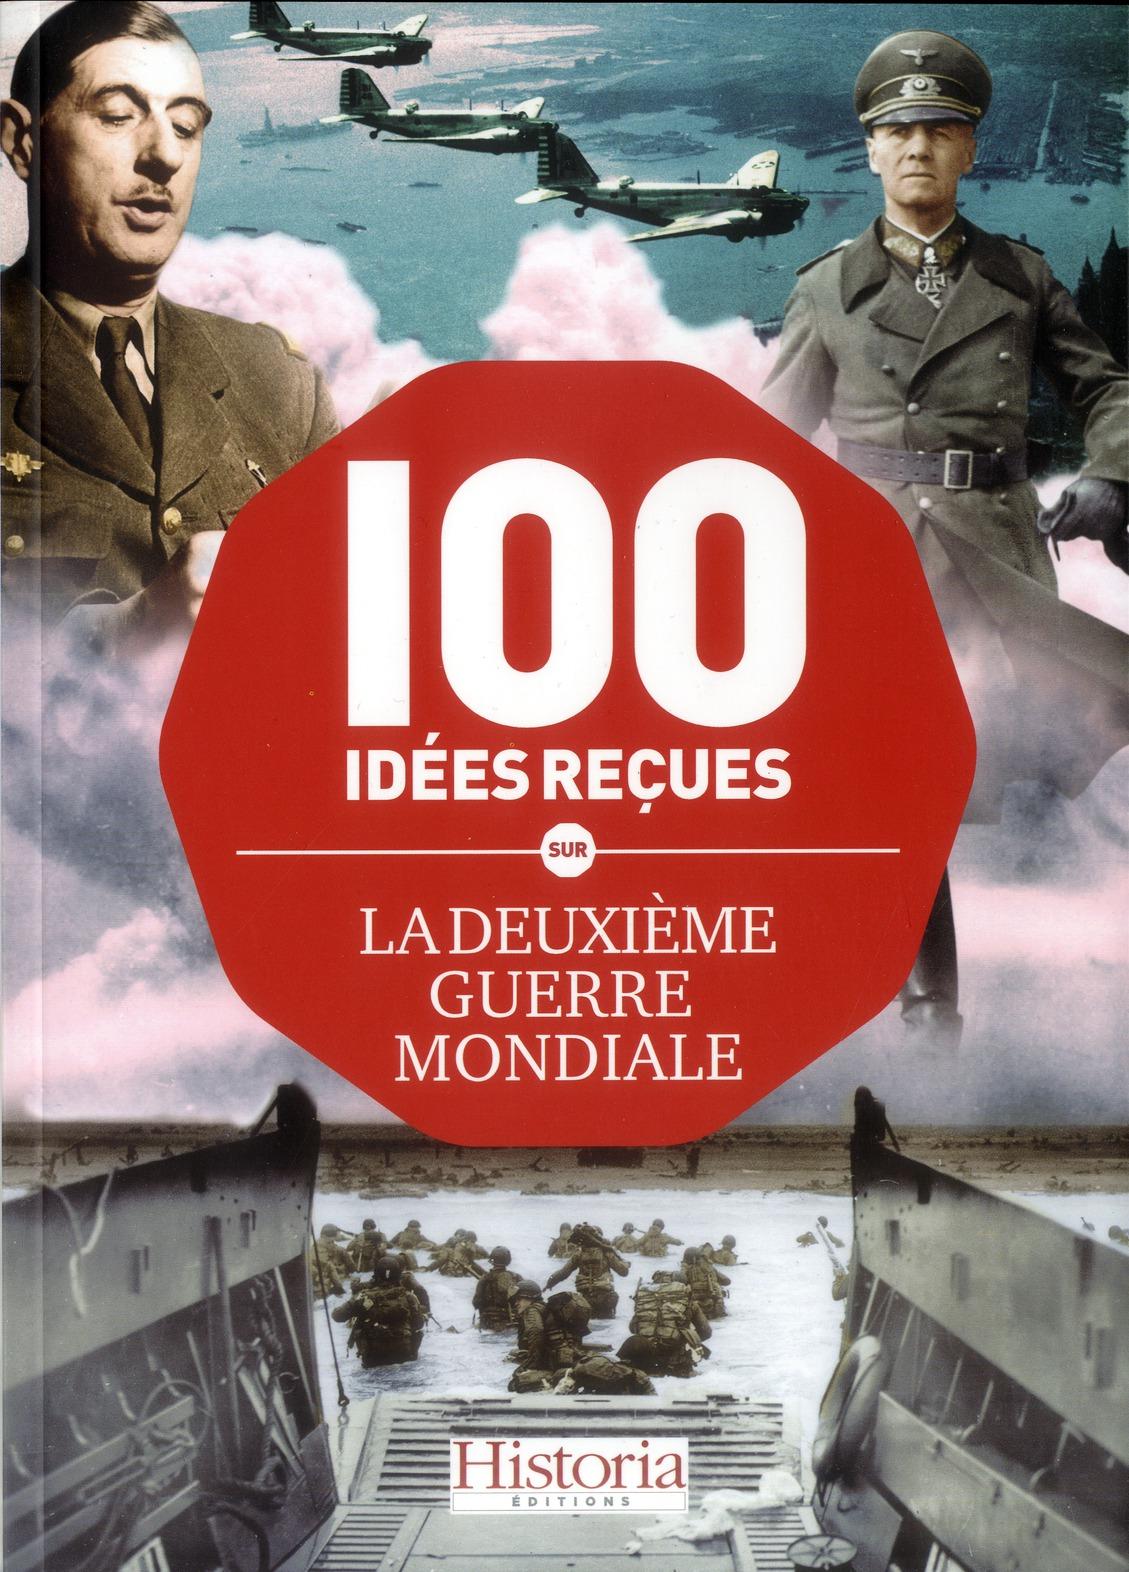 100 IDEES RECUES SUR LA DEUXIEME GUERRE MONDIALE